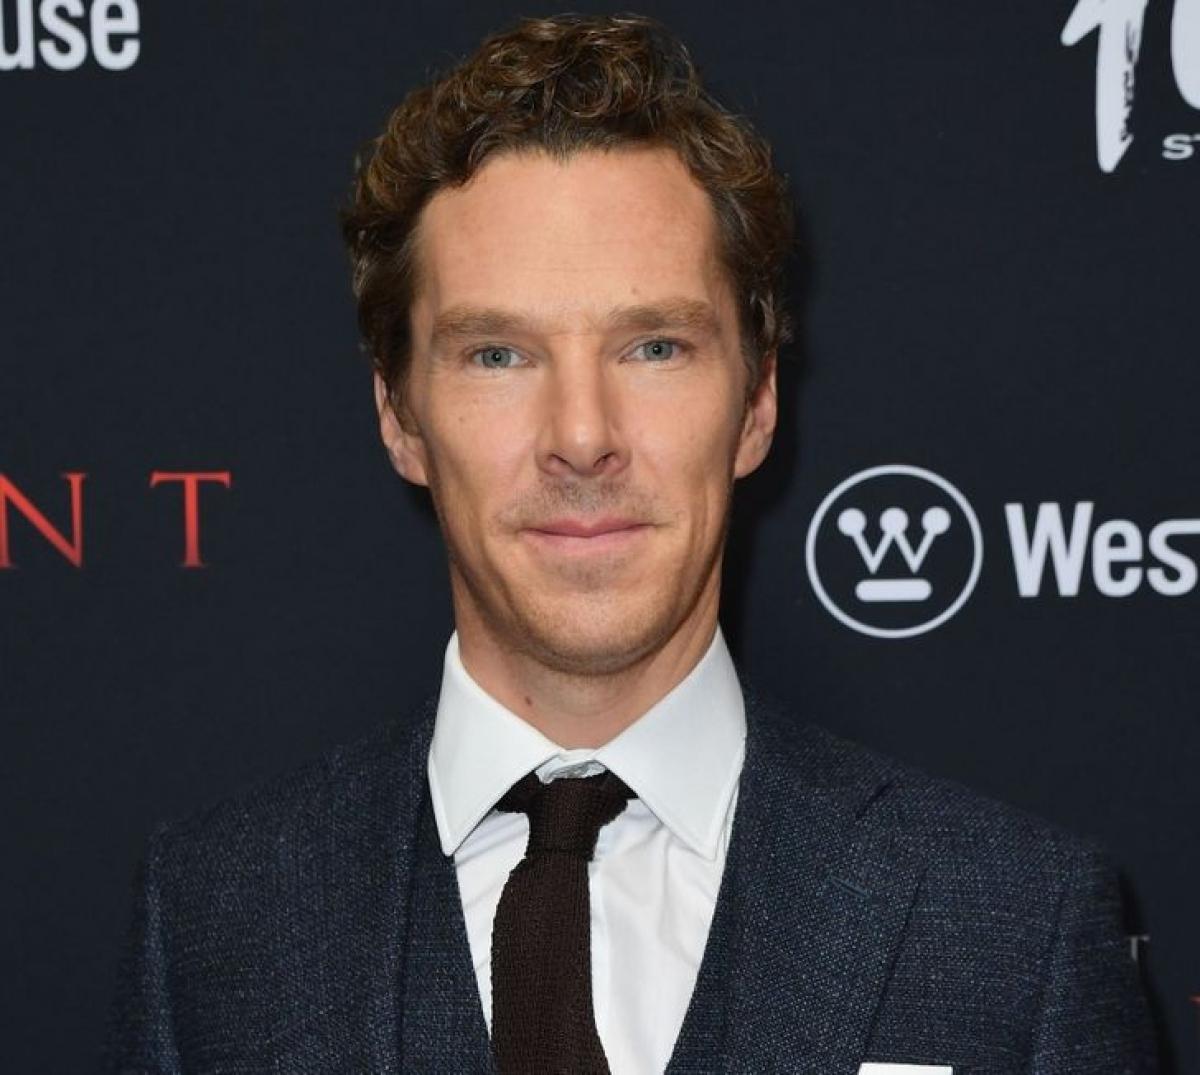 Năm 2018, Benedict Cumberbatch đang lái xe thì nhìn thấy 4 kẻ cướp xe đang cố gắng lấy trộm xe đạp từ một anh chàng giao hàng.Nam diễn viên đã nhảy ra khỏi xe và lao đến hiện trường, đuổi những tên cướp muốn chạy trốn.May mắn thay, anh chàng giao hàng không bị thương và kẻ cướp đã không thể lấy trộm chiếc xe đạp.